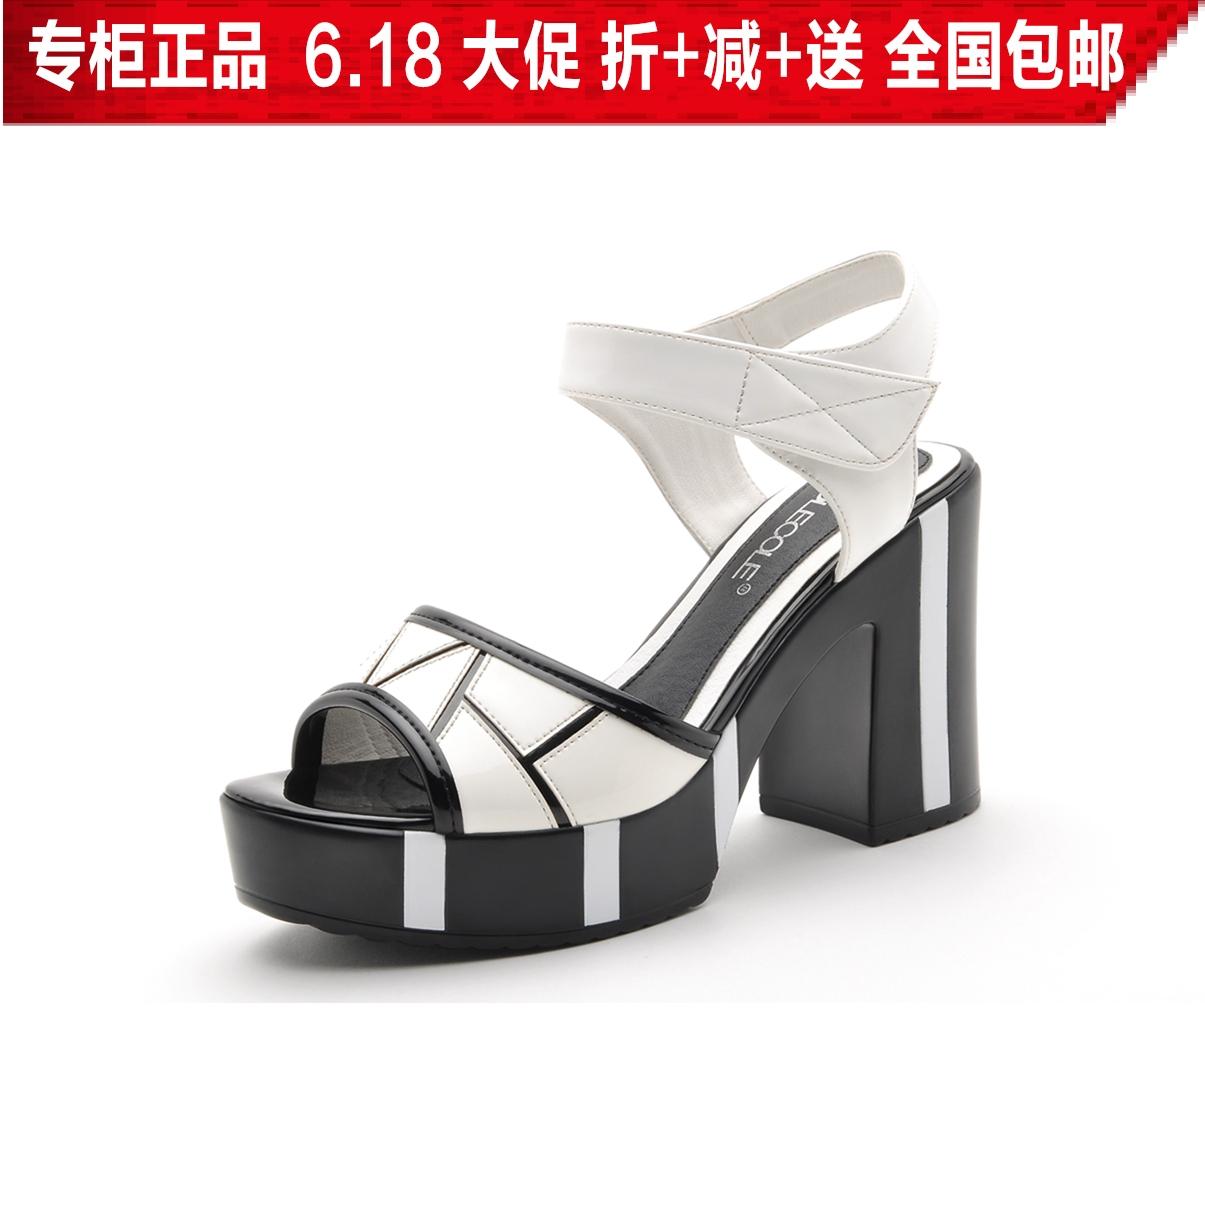 年中618莫蕾蔻蕾2014新款韩版高跟女凉鞋拼接女凉鞋高跟鱼嘴鞋